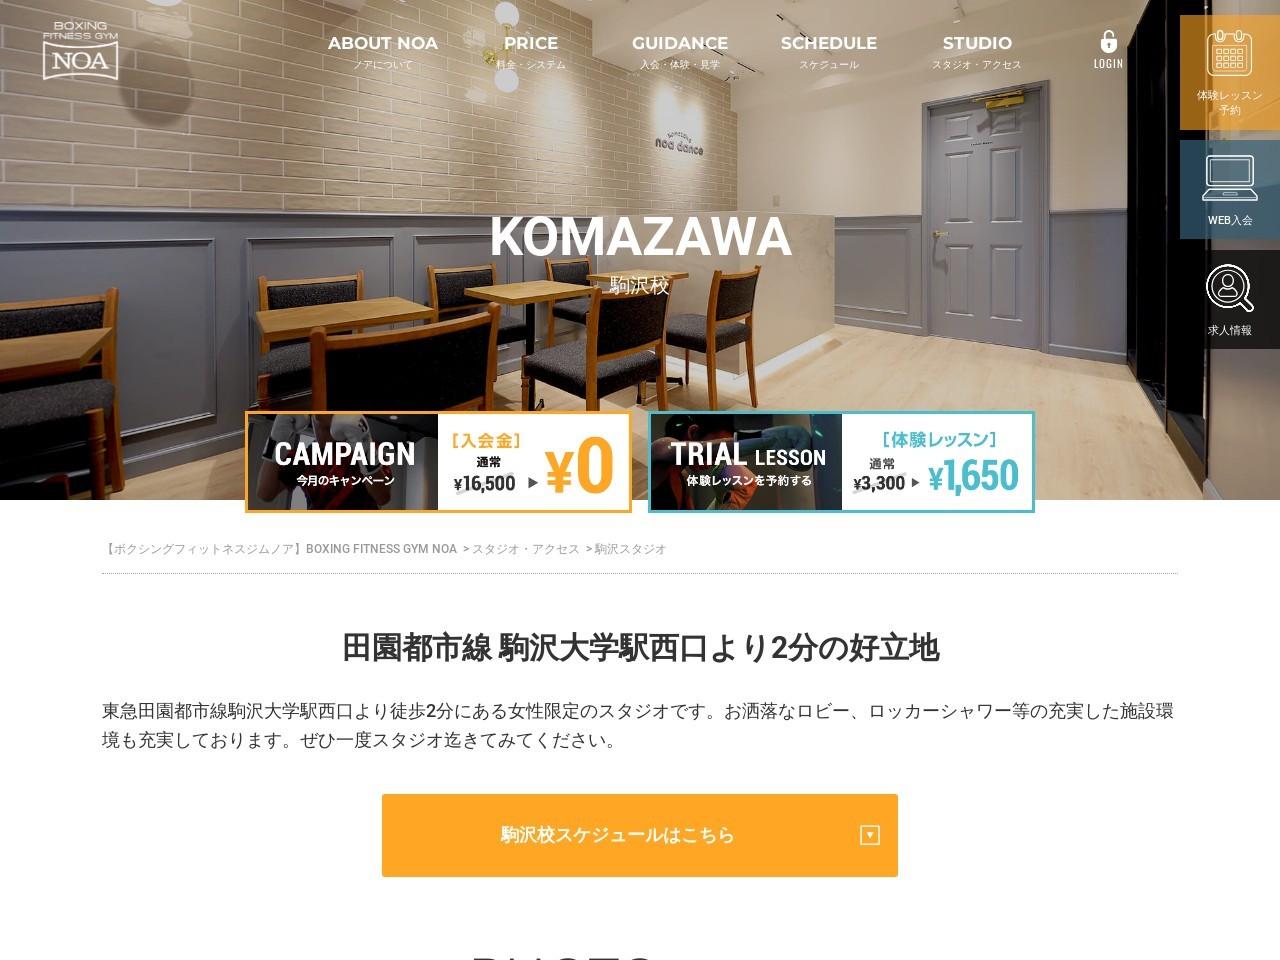 ボクシングフィットネスジムNOA駒沢校のイメージ写真